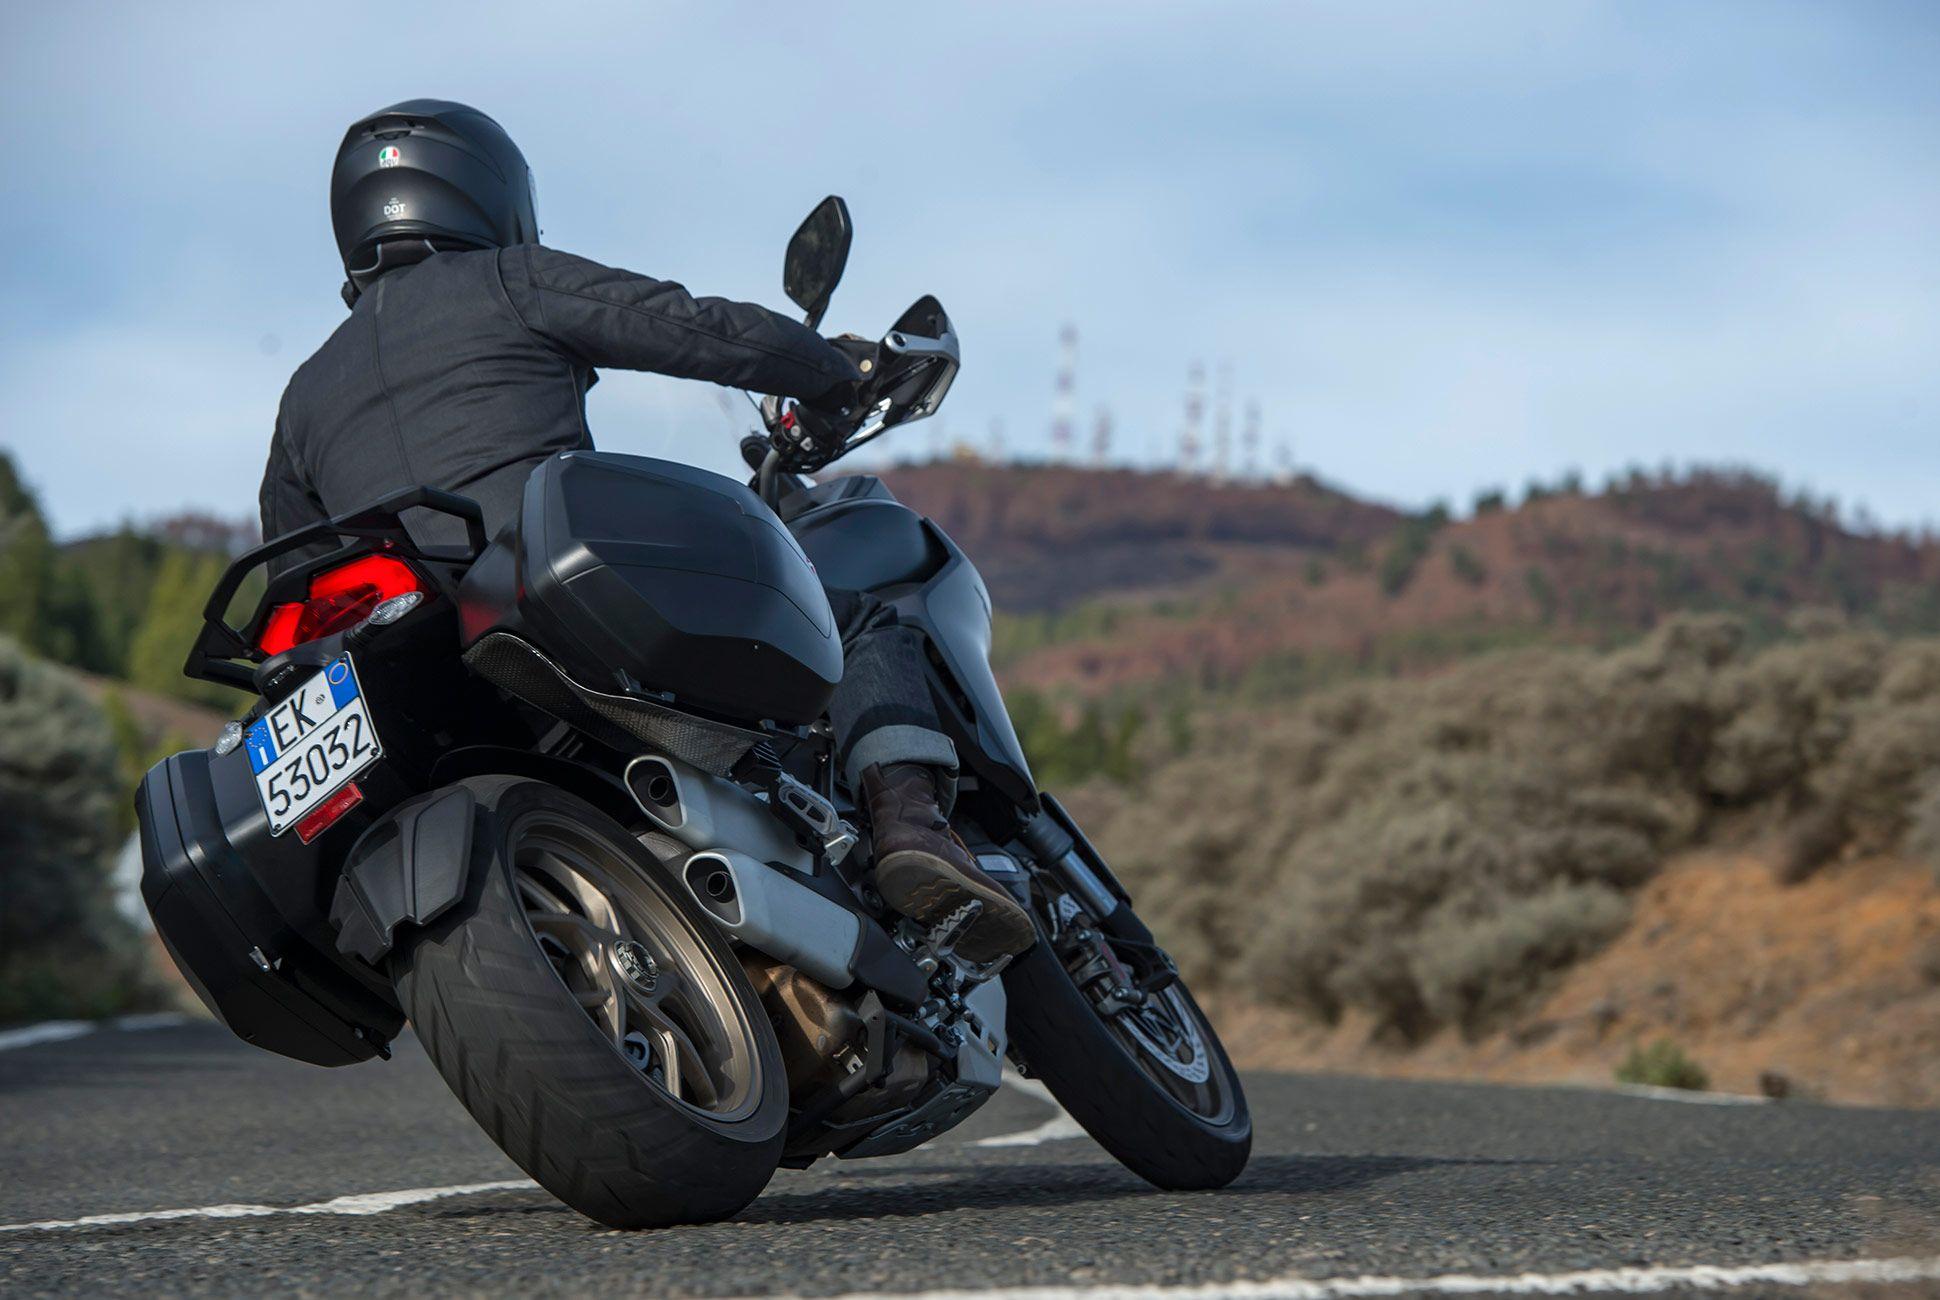 2018-Ducati-MTS-1260-Review-gear-patrol-2